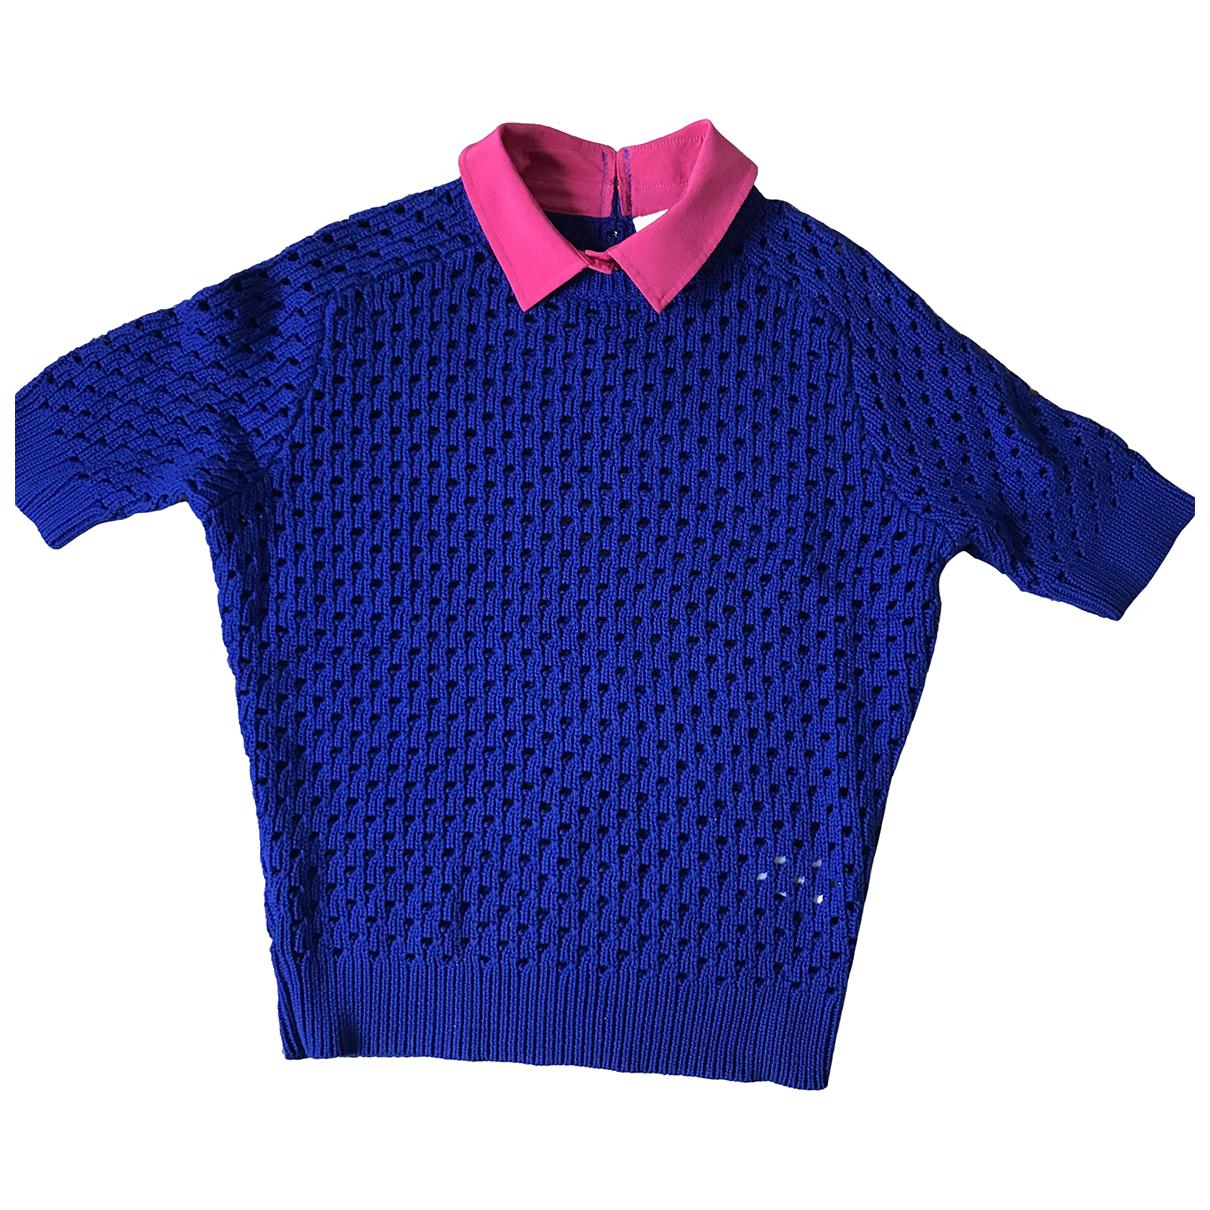 Carven N Blue Cotton Knitwear for Women M International